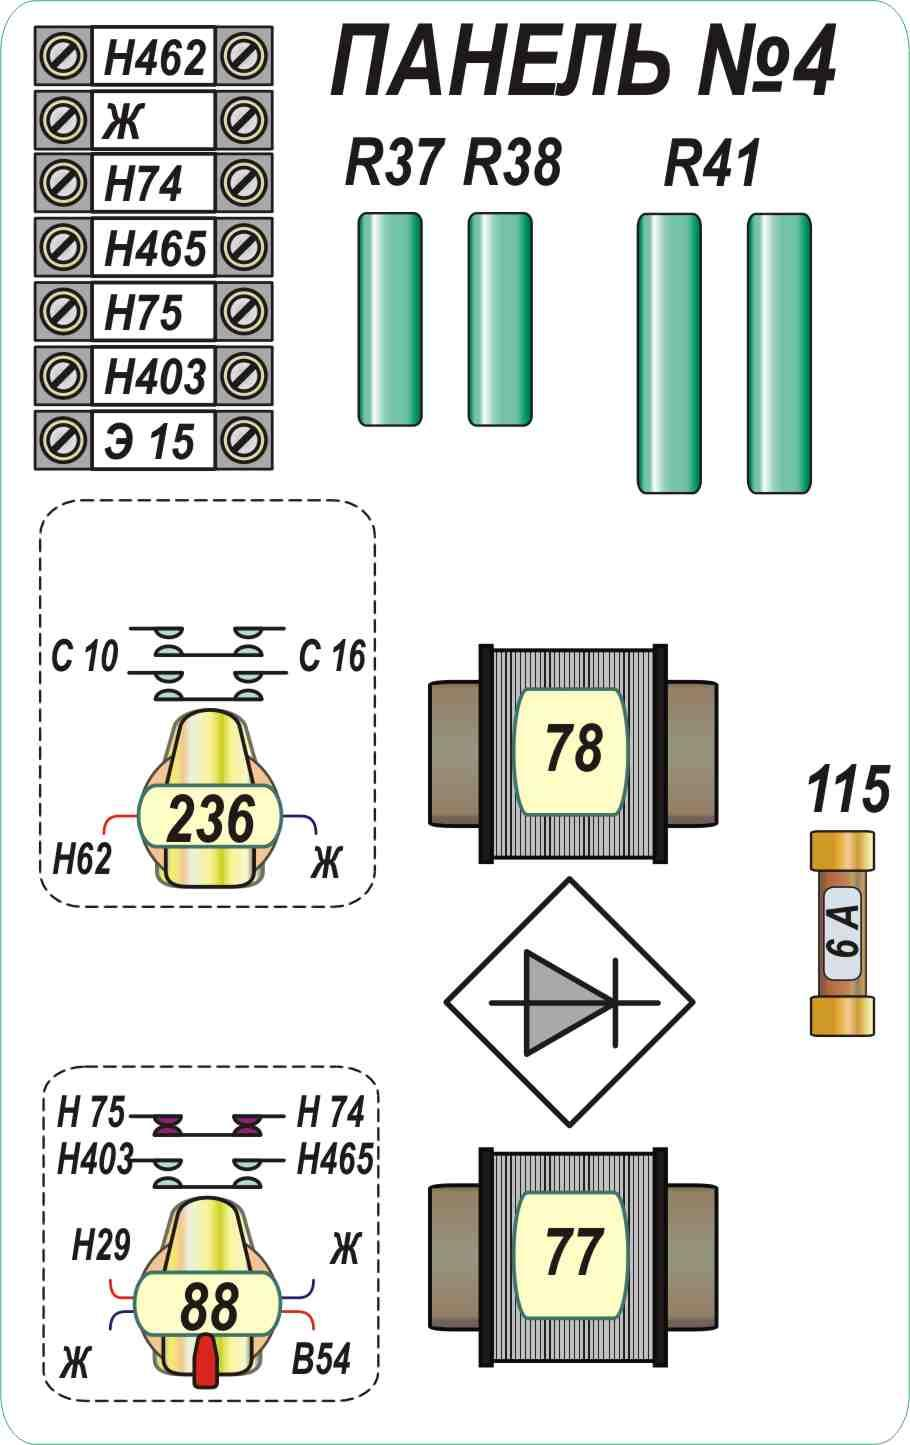 схема реле вл-68-с